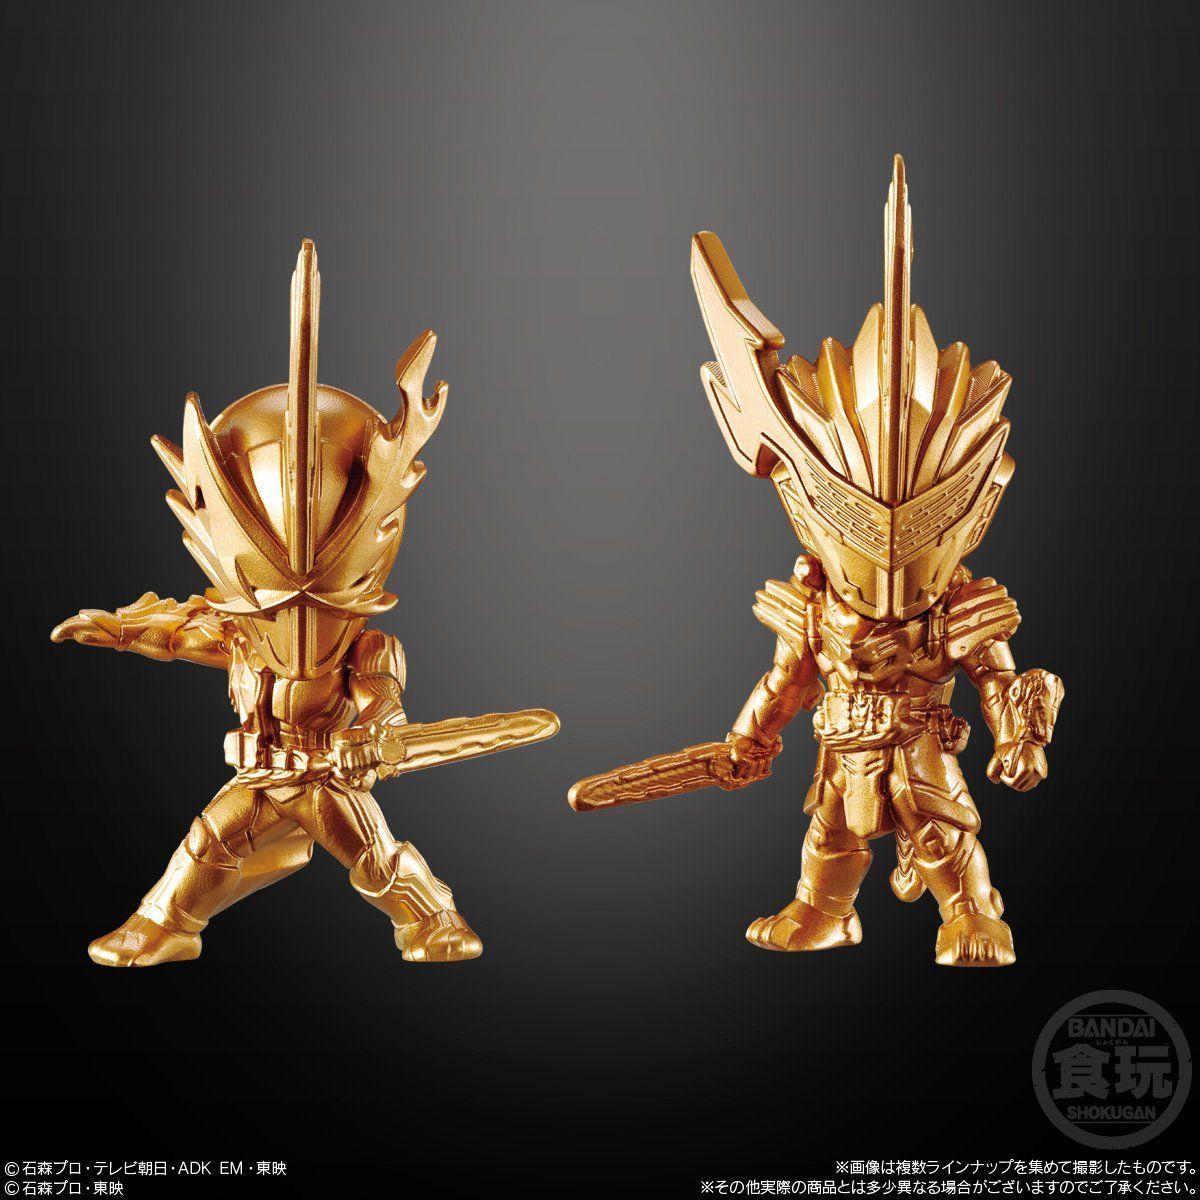 【食玩】『仮面ライダーゴールドフィギュア04』16個入りBOX-002